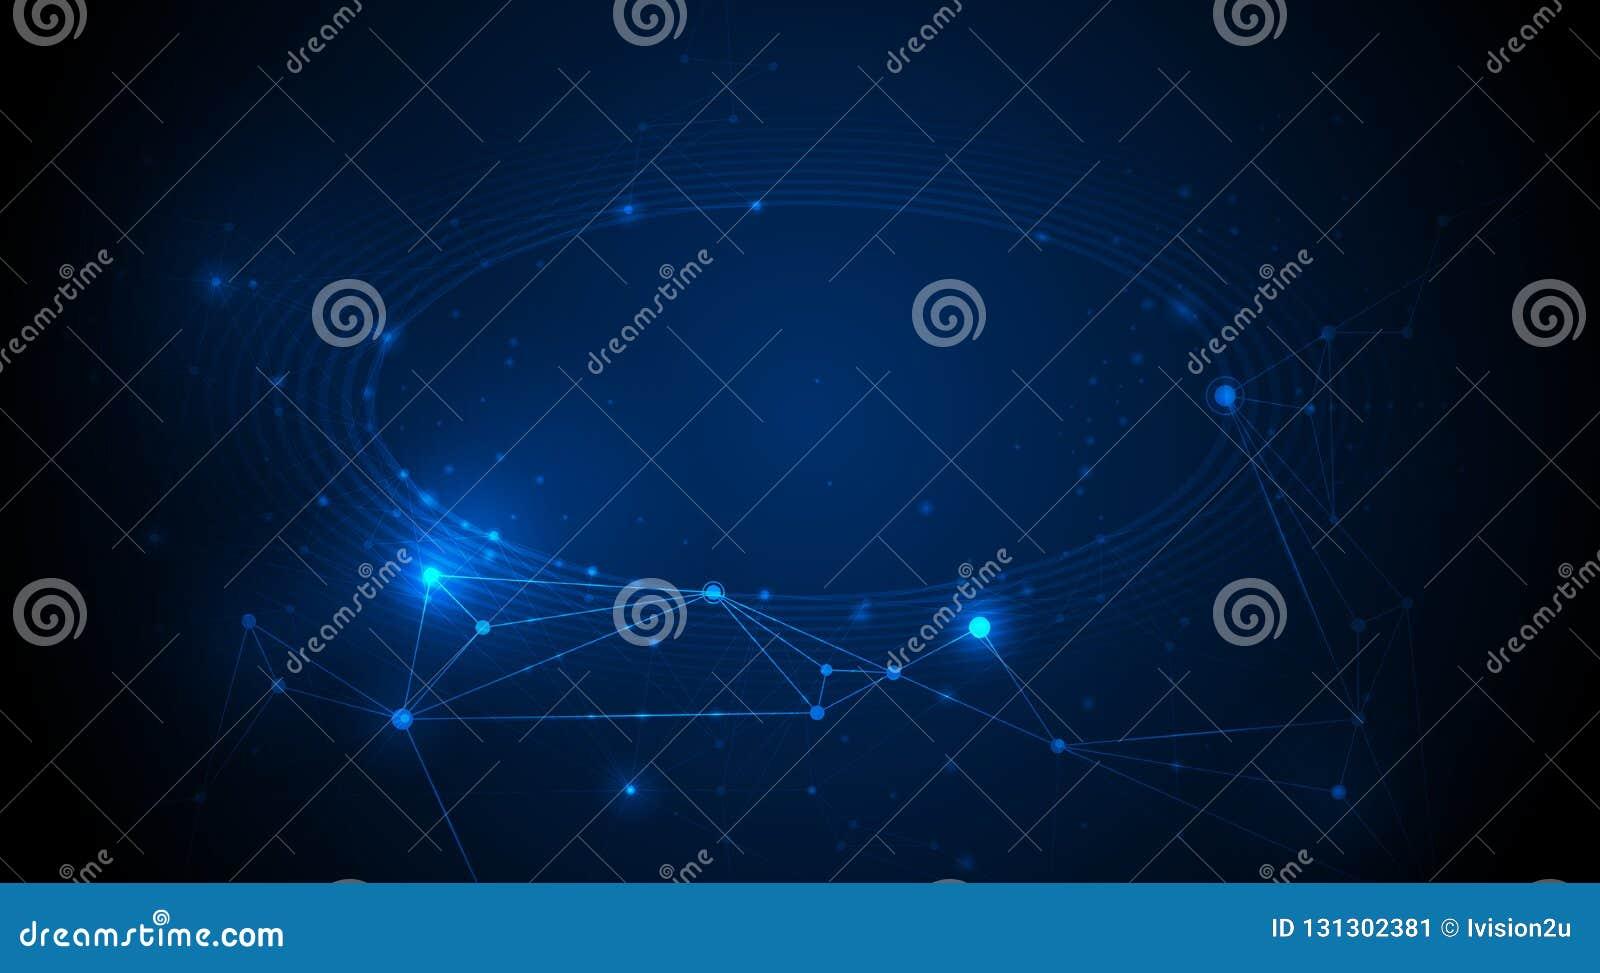 Abstraktes Internet-Verbindungsdesign für Website Digital-Daten, Kommunikation, Wissenschaft und futuristisches Konzept